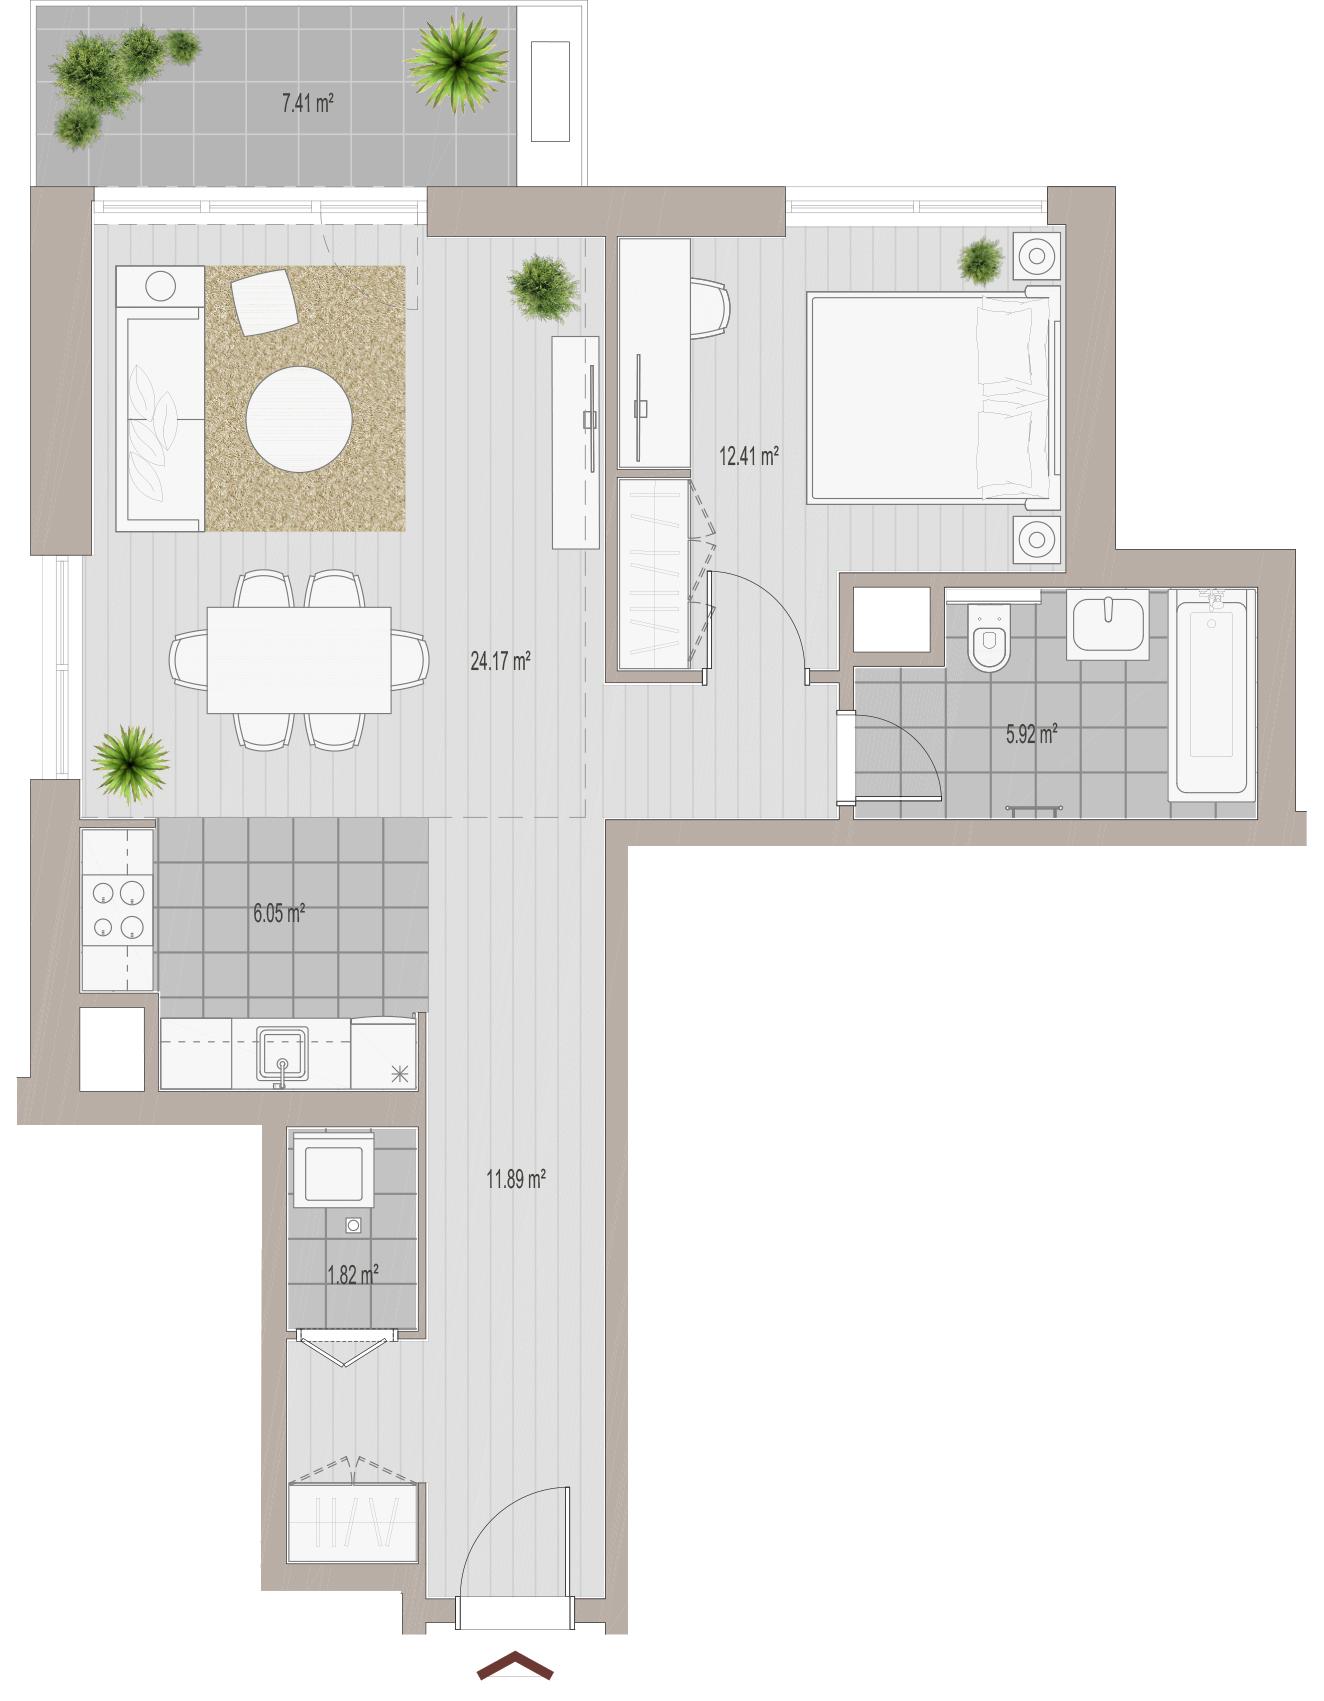 2-Zimmer-Wohnung in Belgrad kaufen